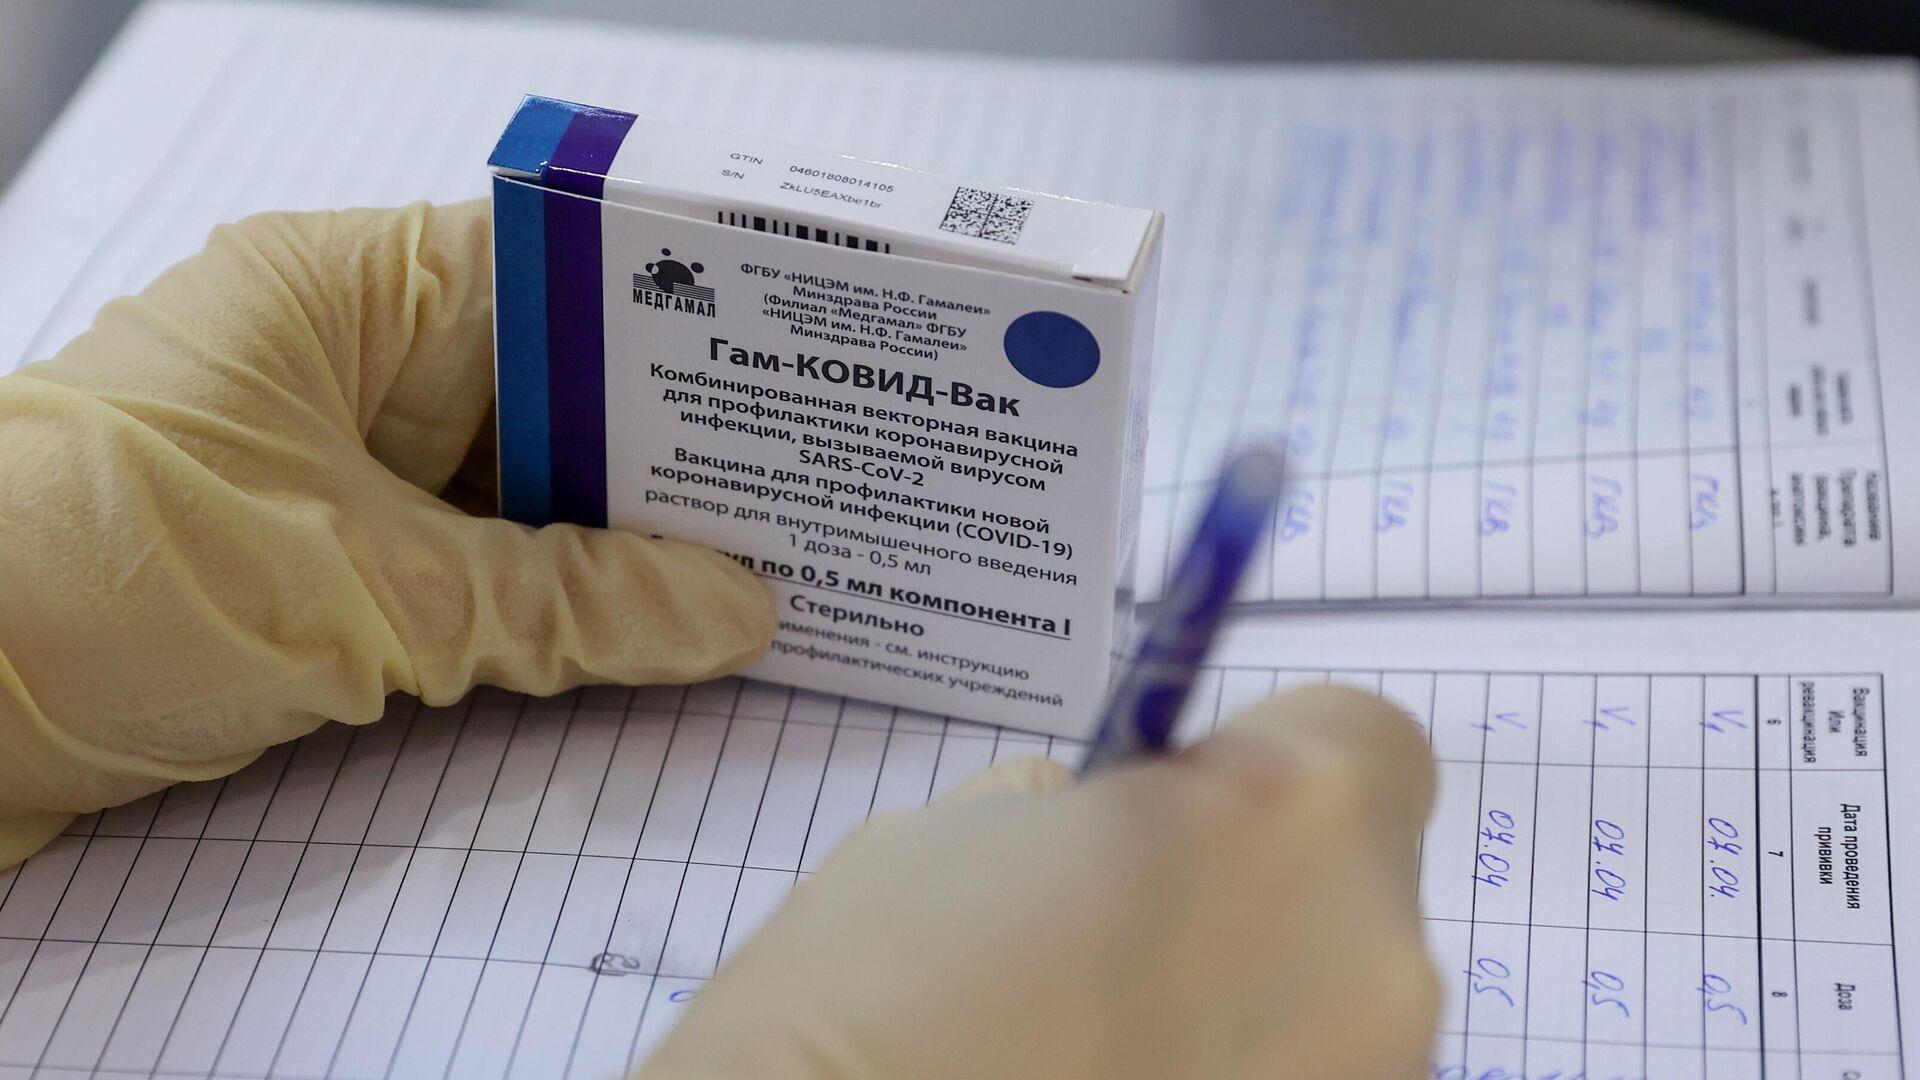 Медицинская сестра держит в руке упаковку с вакциной Гам-КОВИД-Вак (Спутник V)  - РИА Новости, 1920, 18.05.2021